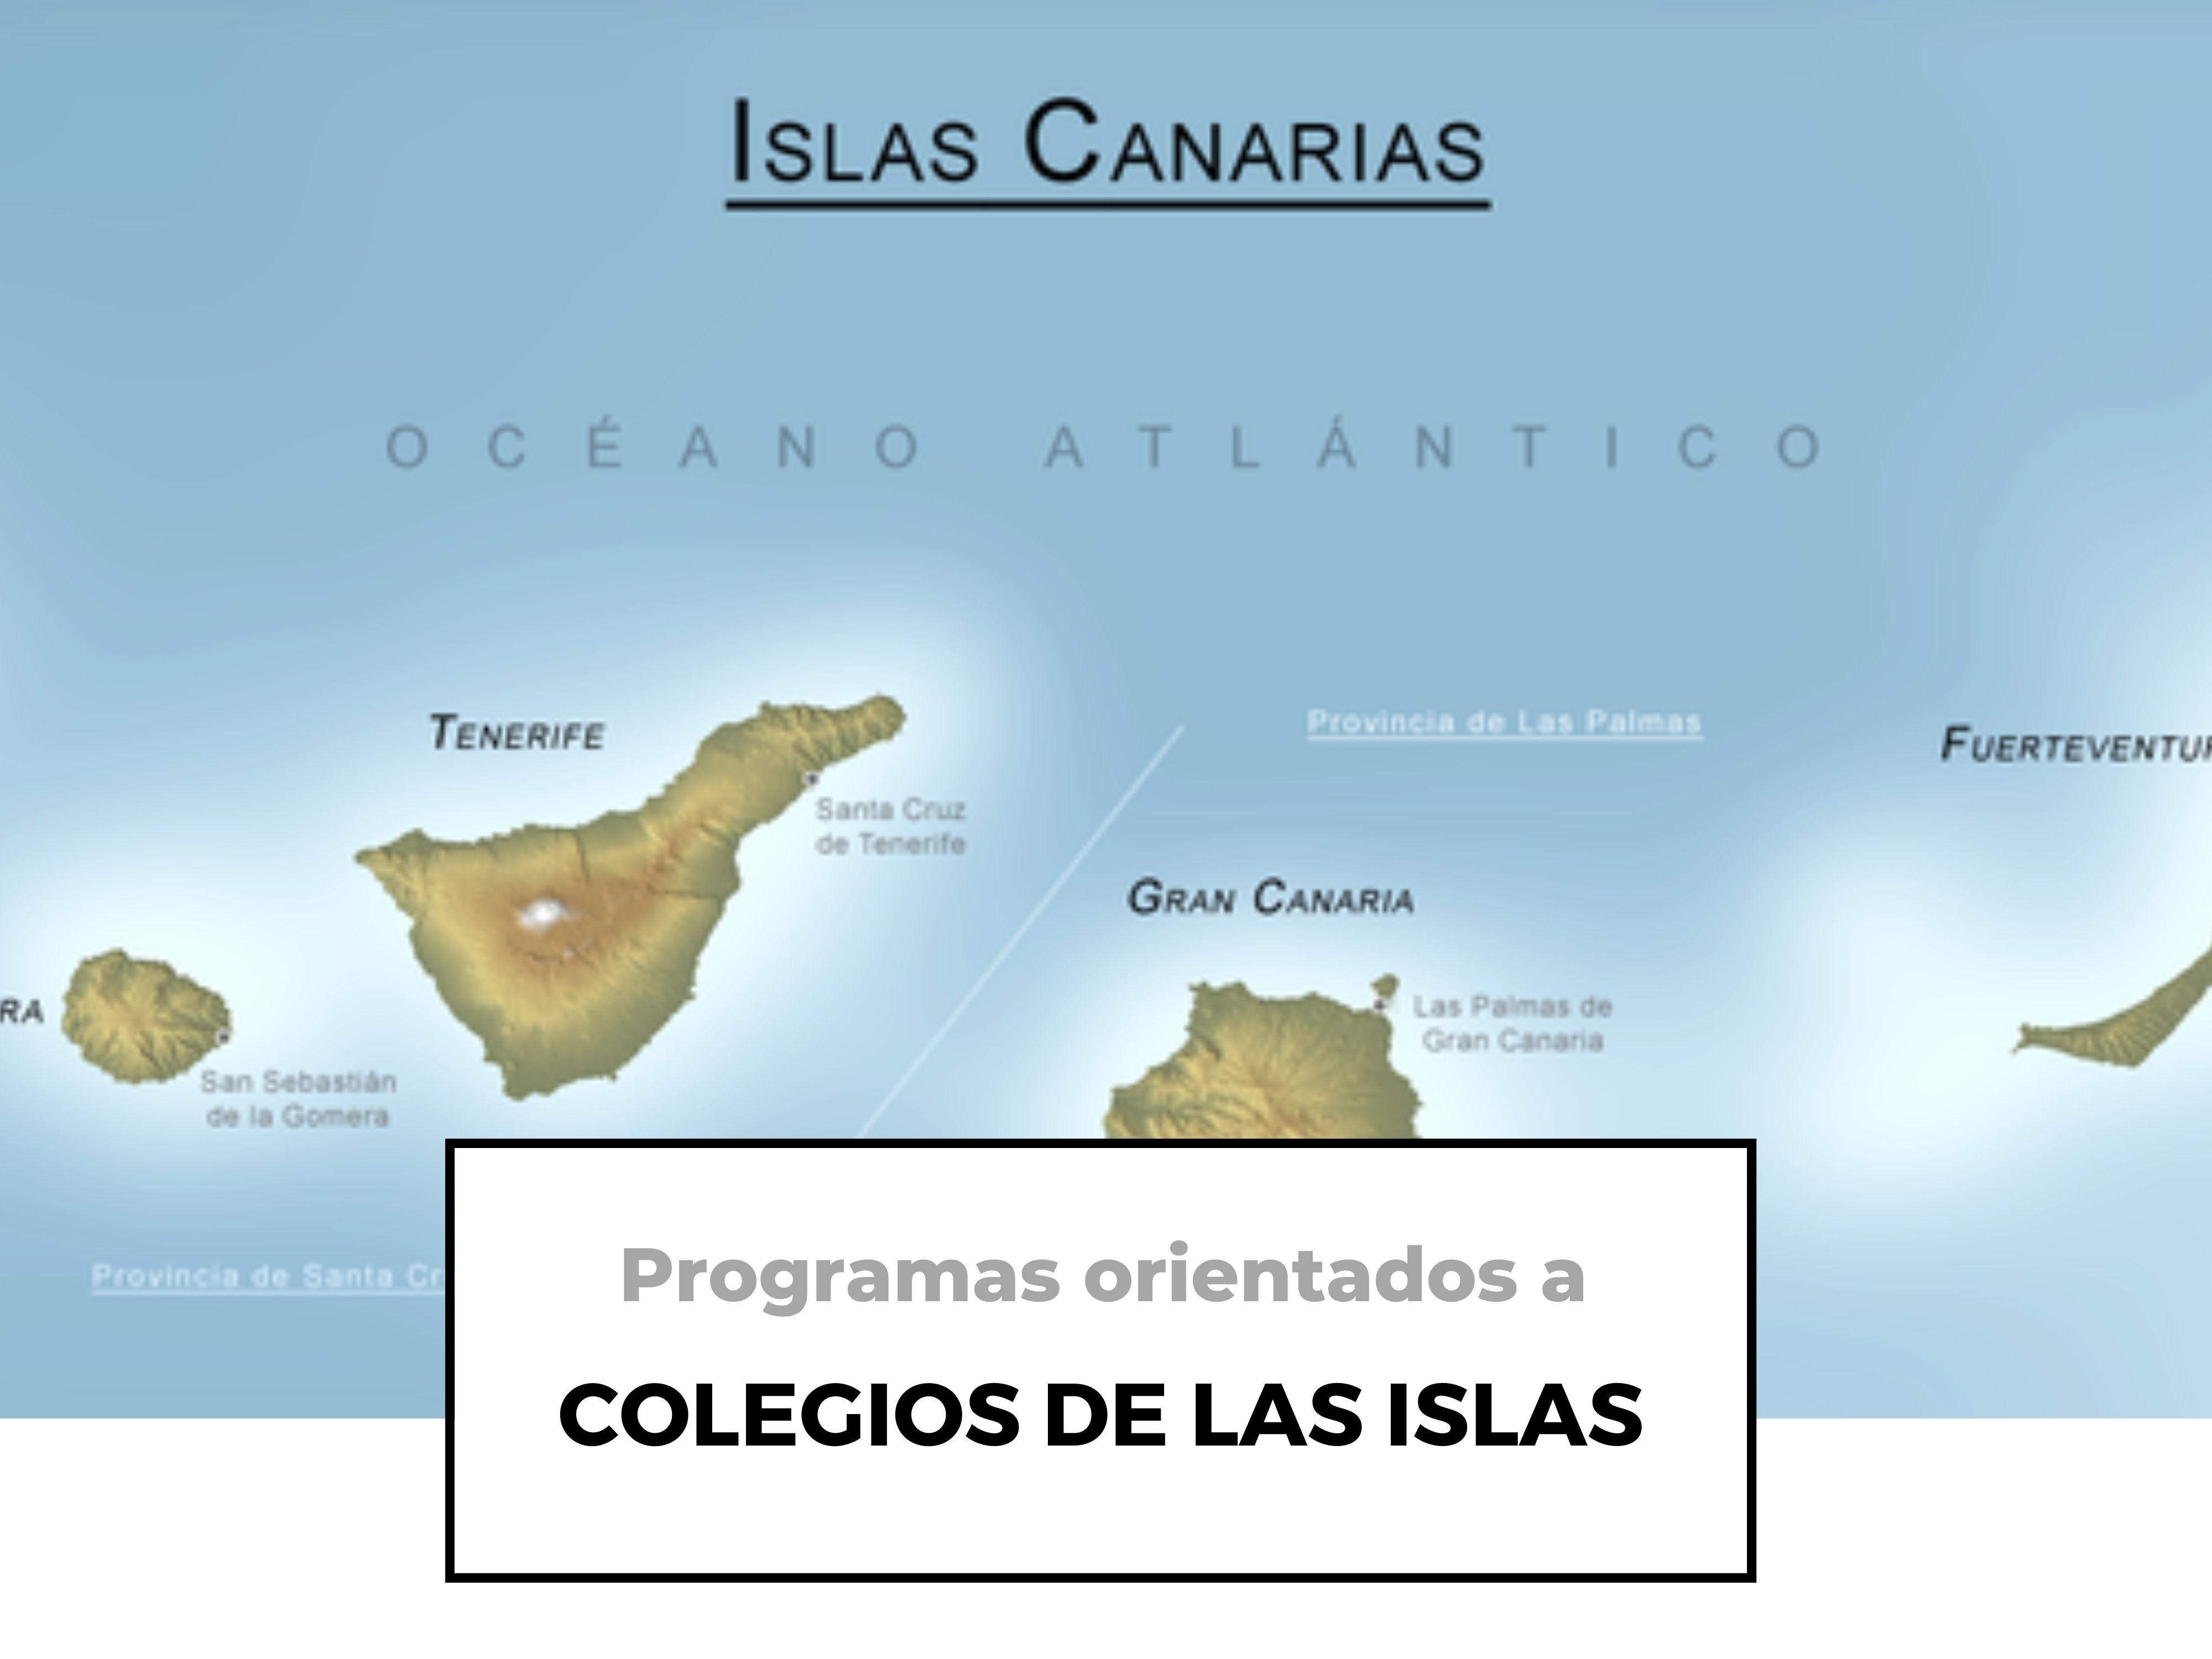 Programas orientados a colegios de las islas